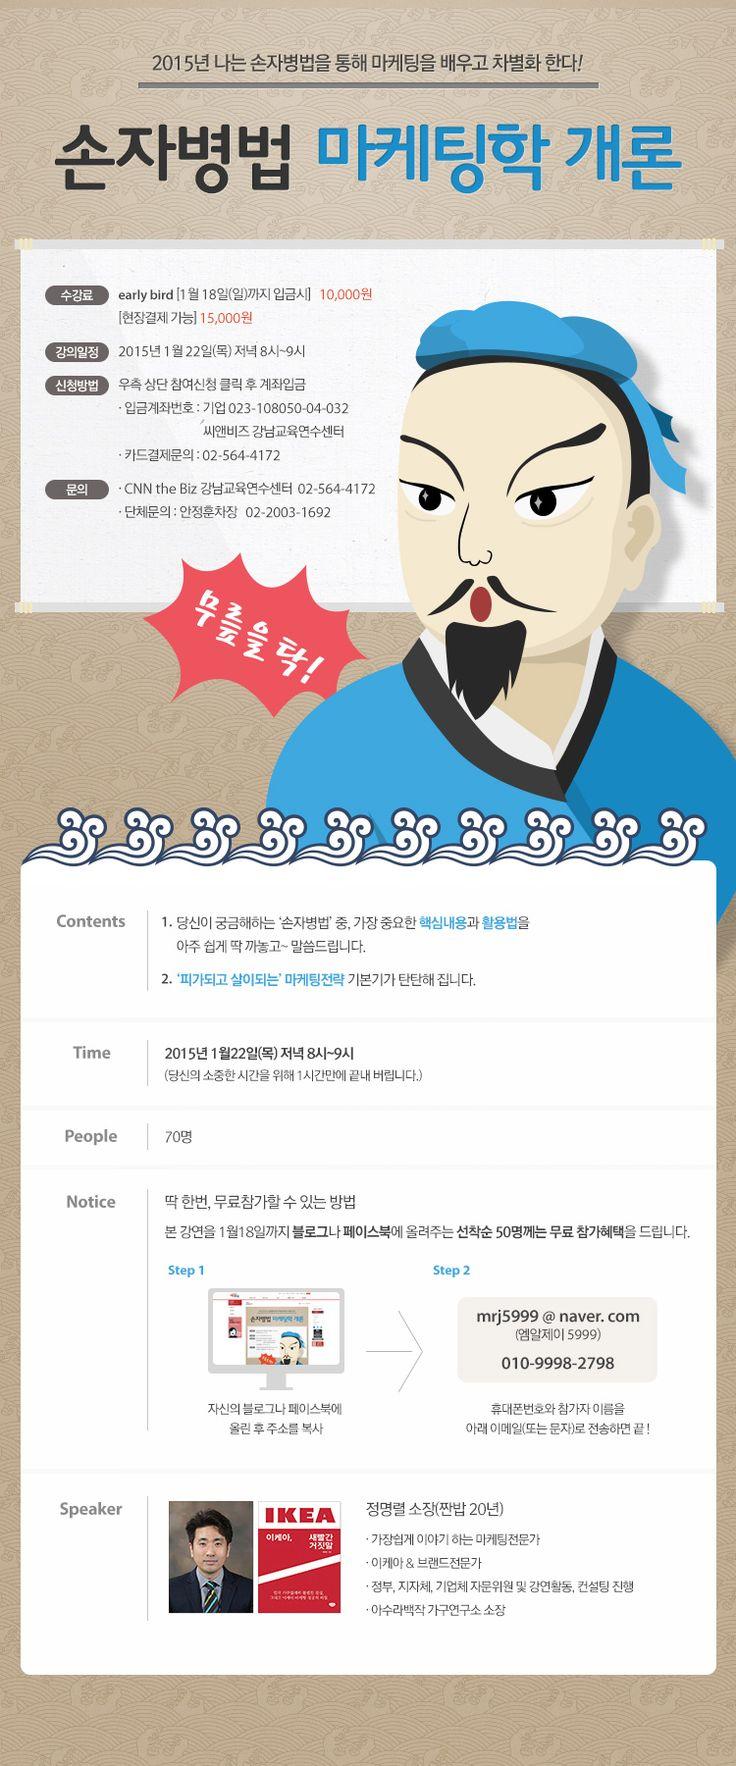 [CNB] 손자병법 마케팅학 개론 (이경선)